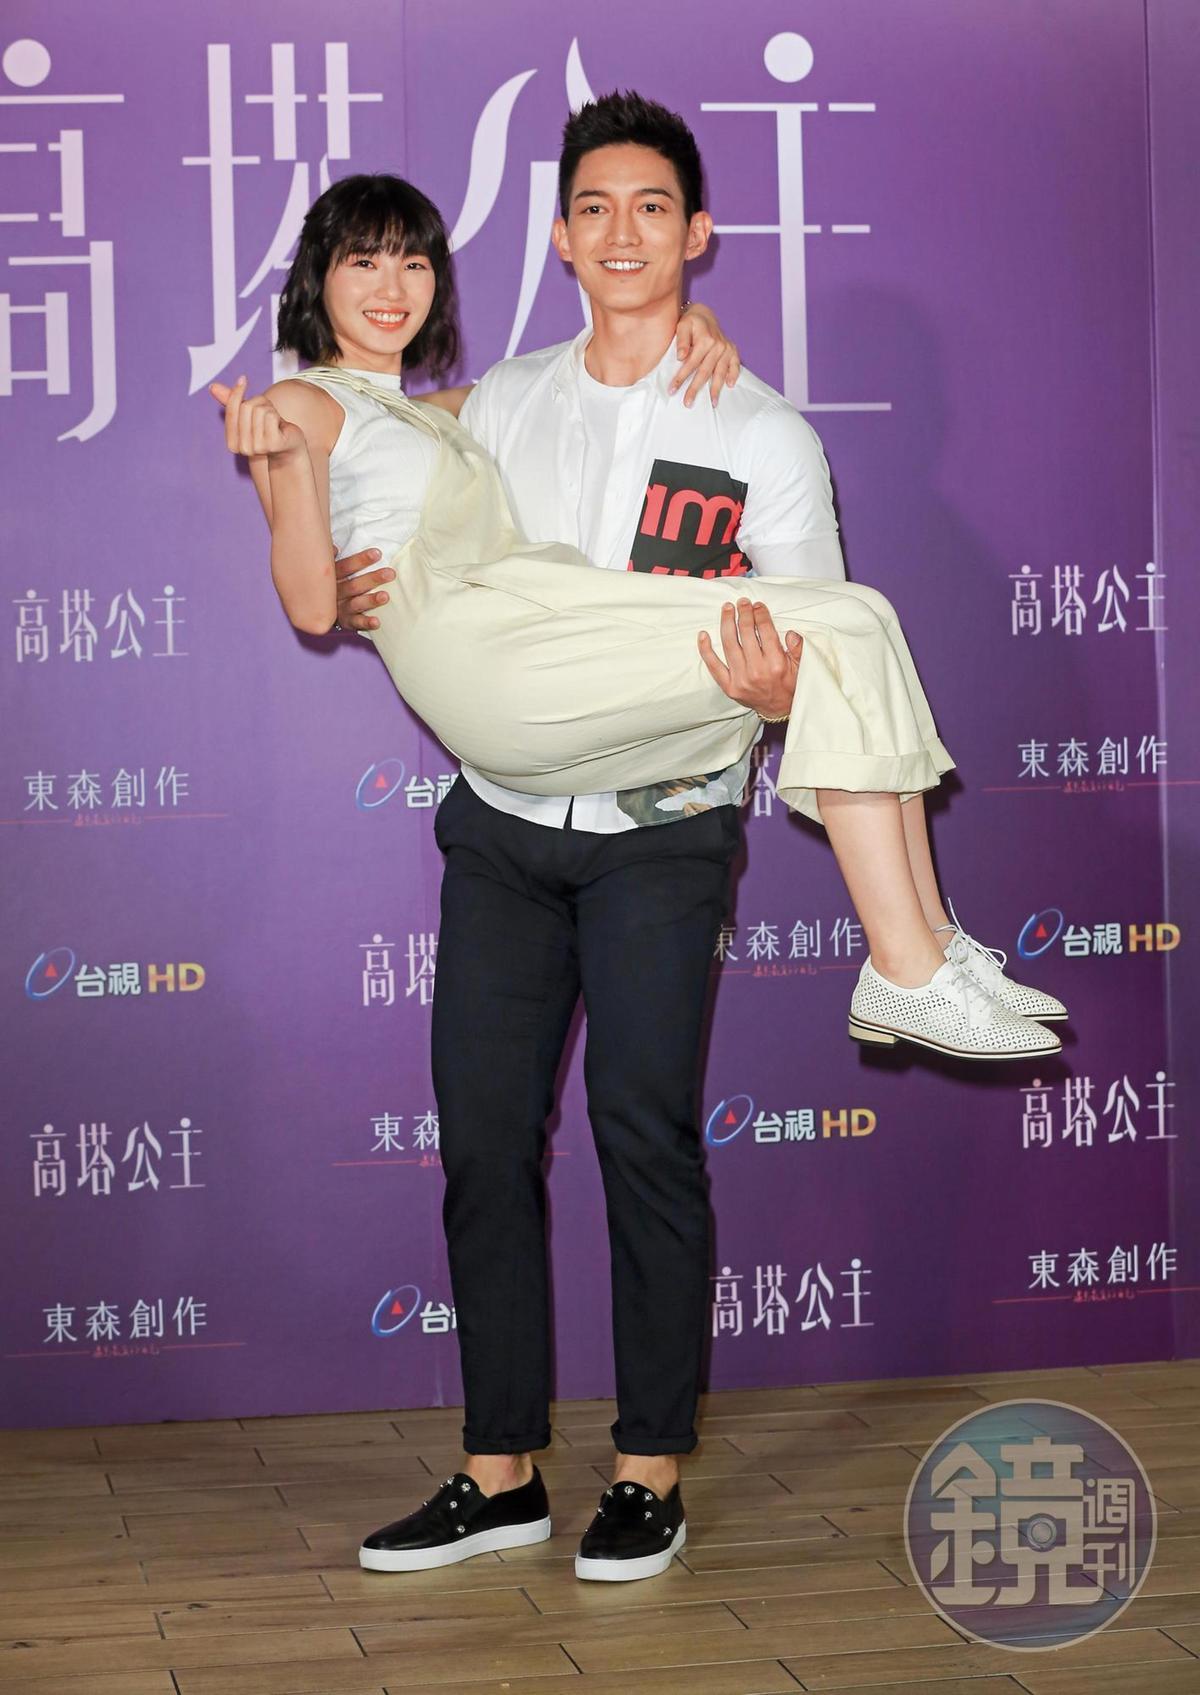 近期王家梁(右)與王牧雨(左)合演電視劇《高塔公主》,拍戲前跟曾沛慈就已戀情告吹。